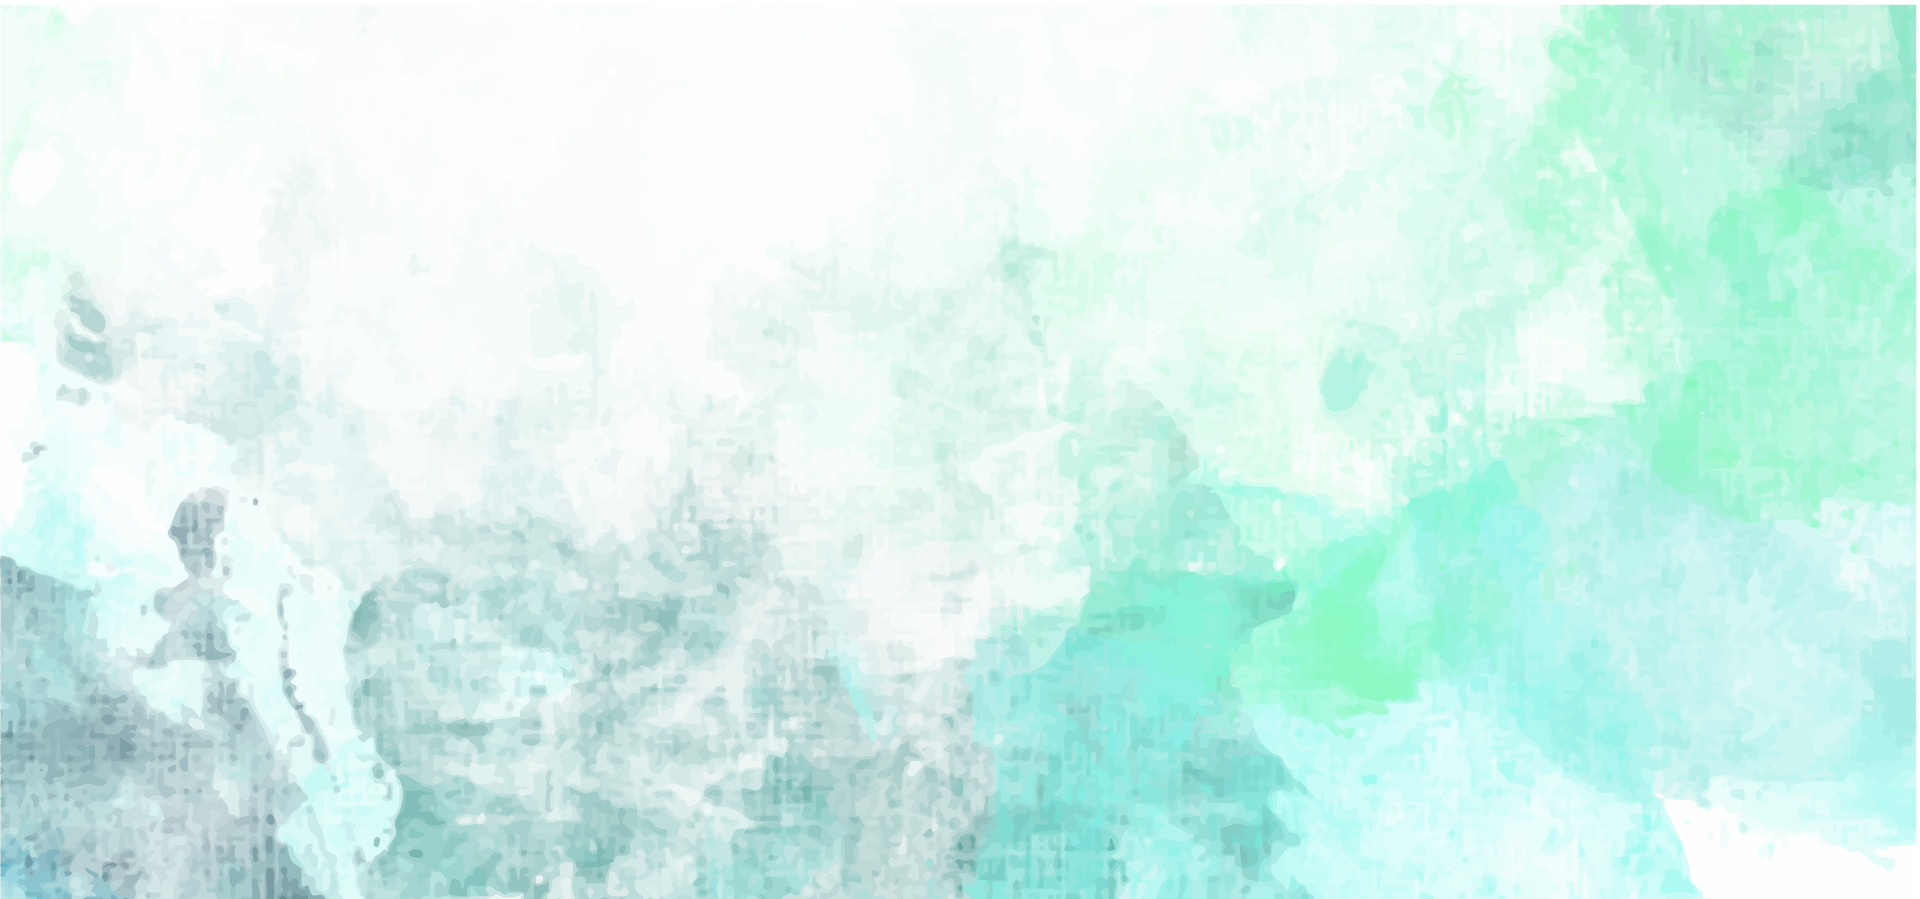 Hielo Textura Crystal Patrón Antecedentes Grunge Solid